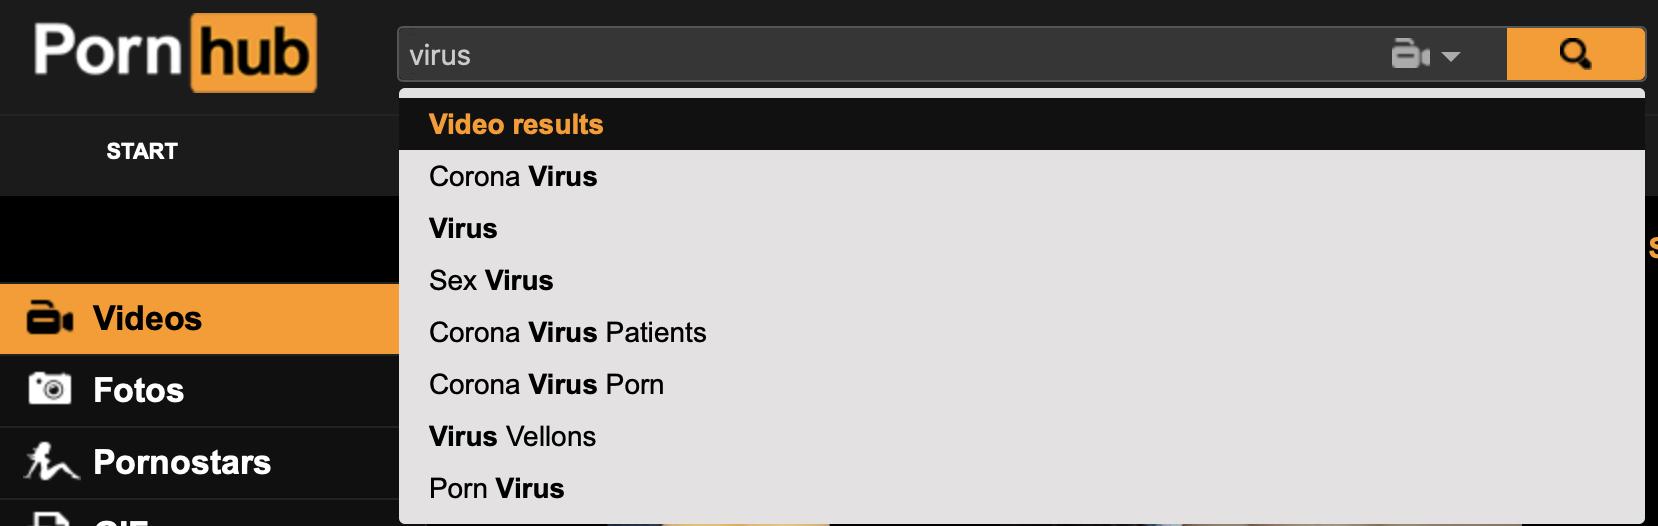 """Suchbegriff: """"Virus"""" - Interessante Vorlieben bei der Suche; Screenshot: Pornhub"""